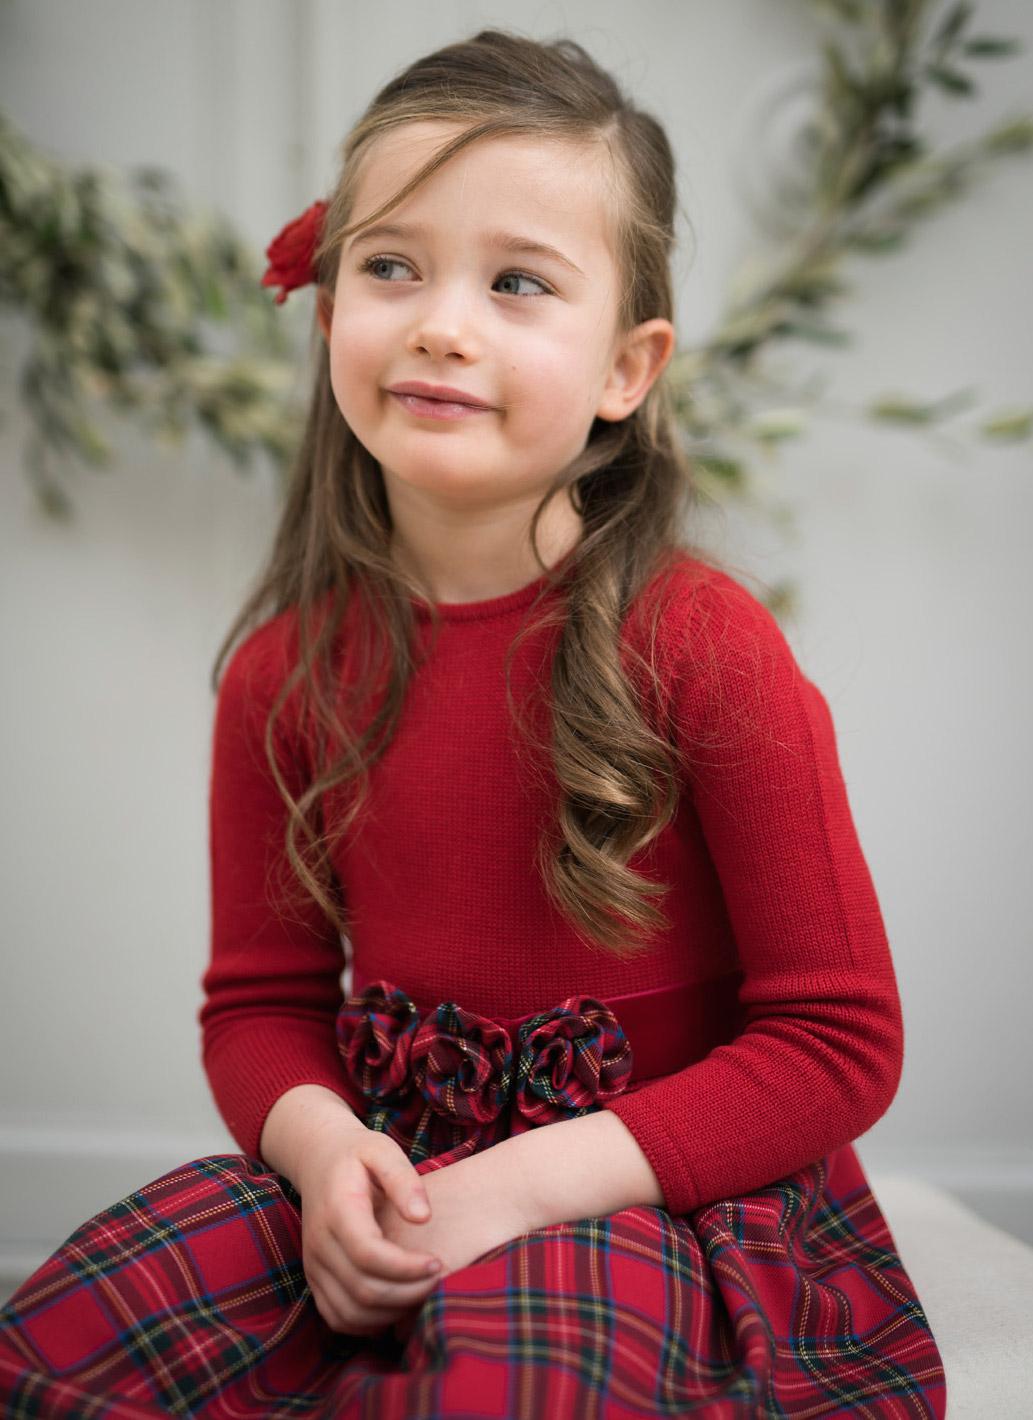 Abiti bambina per Natale con CAF e il suo mondo alla moda e644f563860